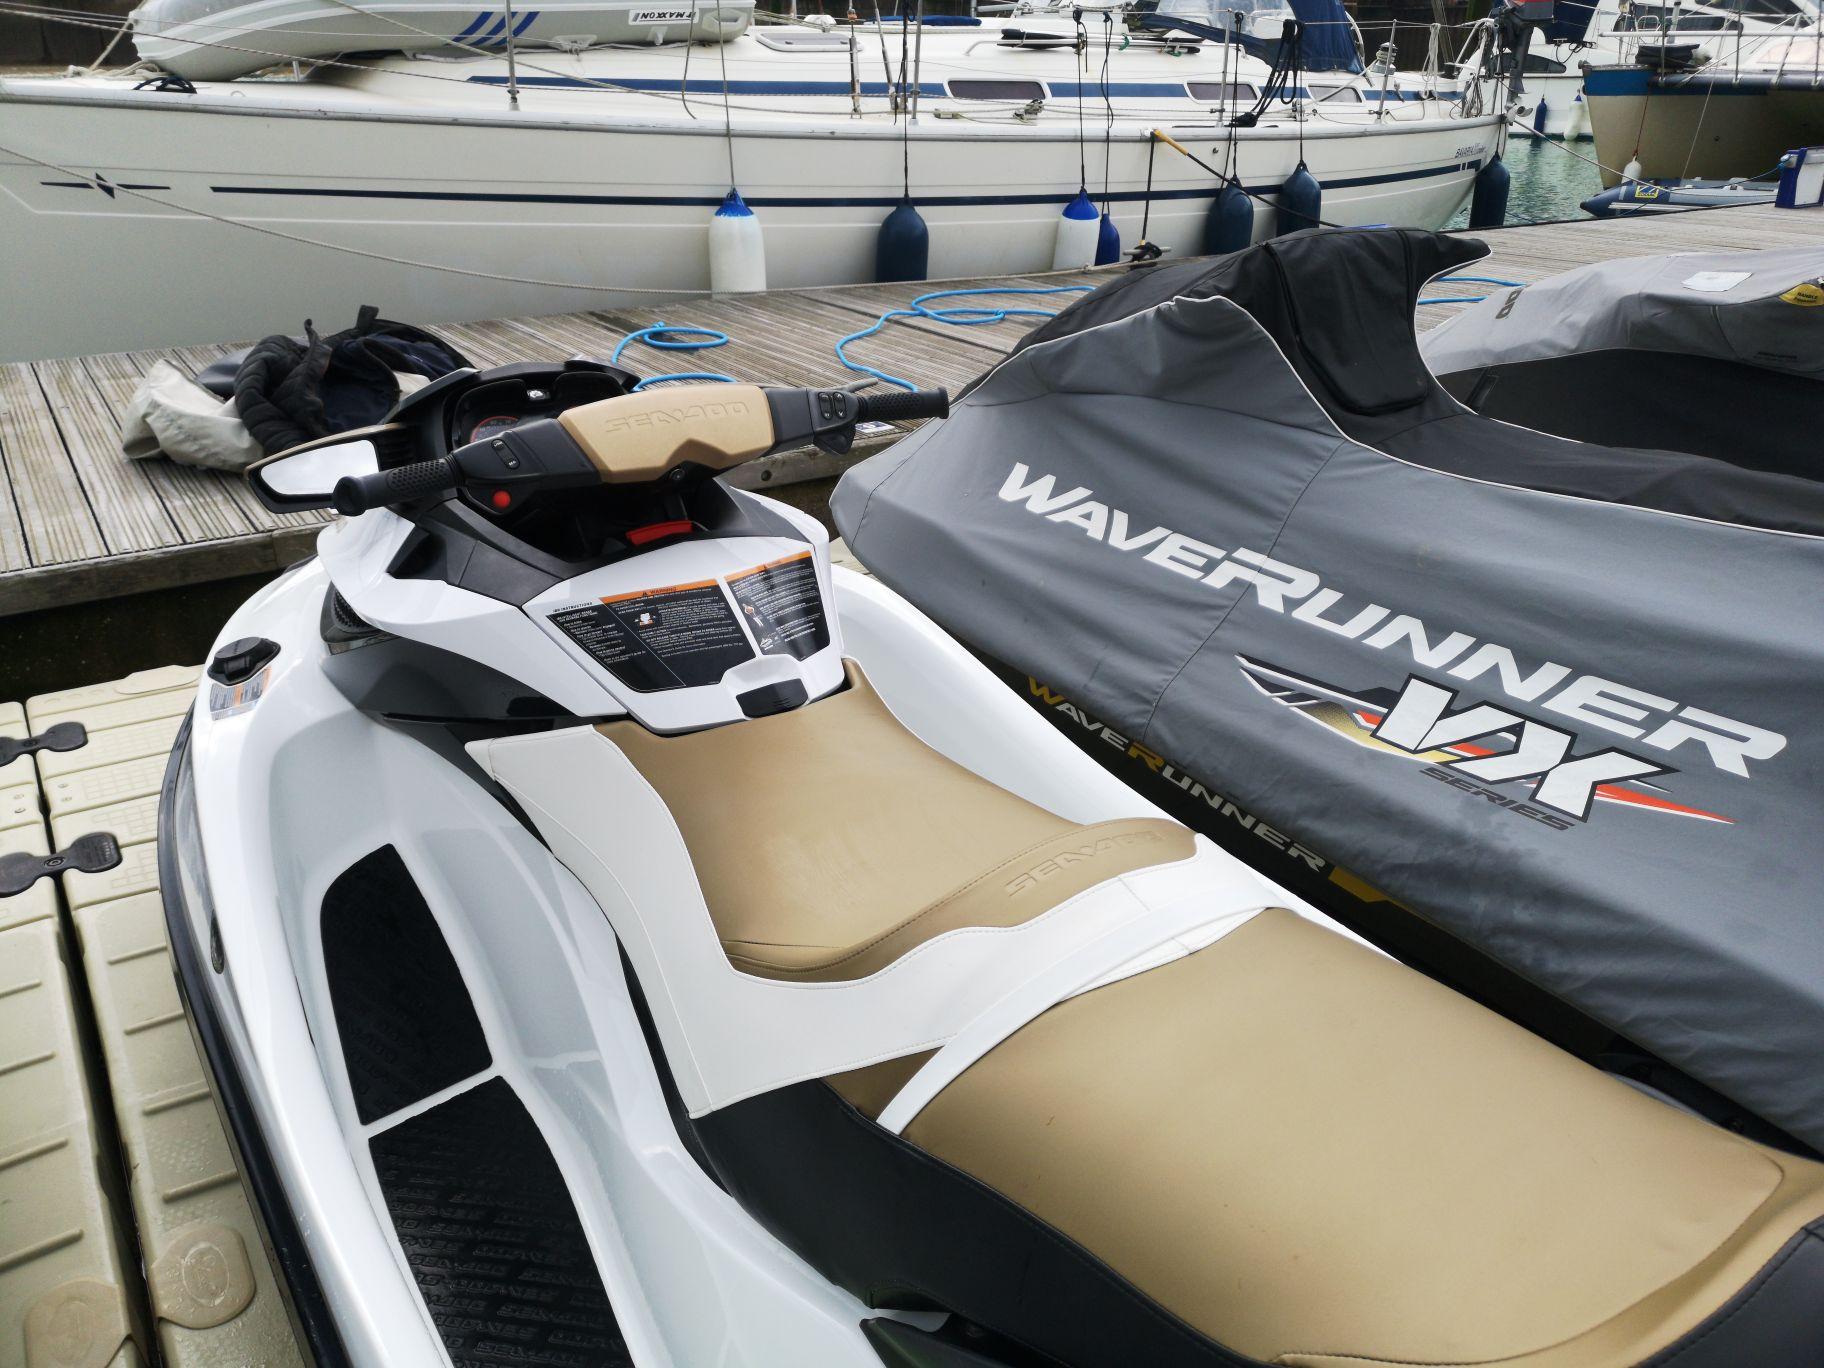 Sea Doo GTX 215 – Brighton Boat Sales